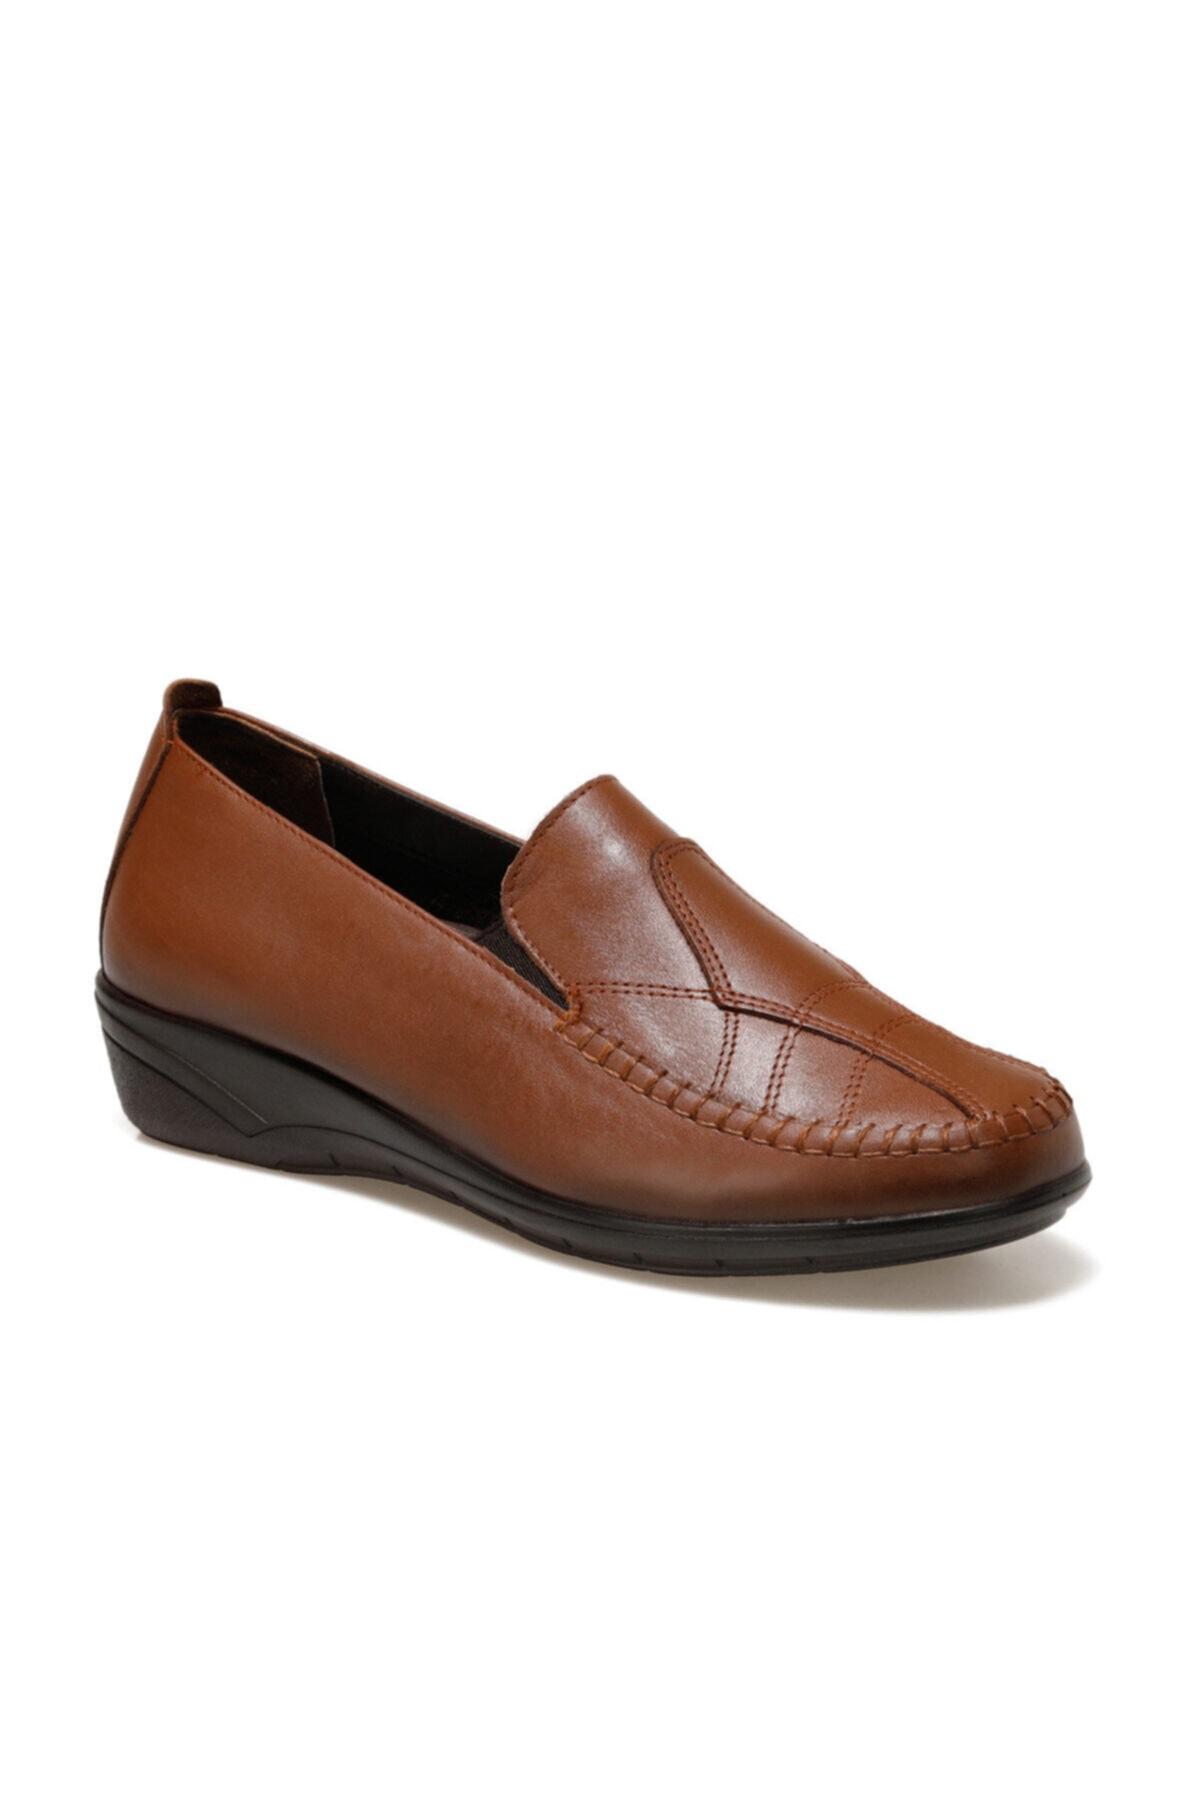 103149.Z Taba Kadın Comfort Ayakkabı 100555182